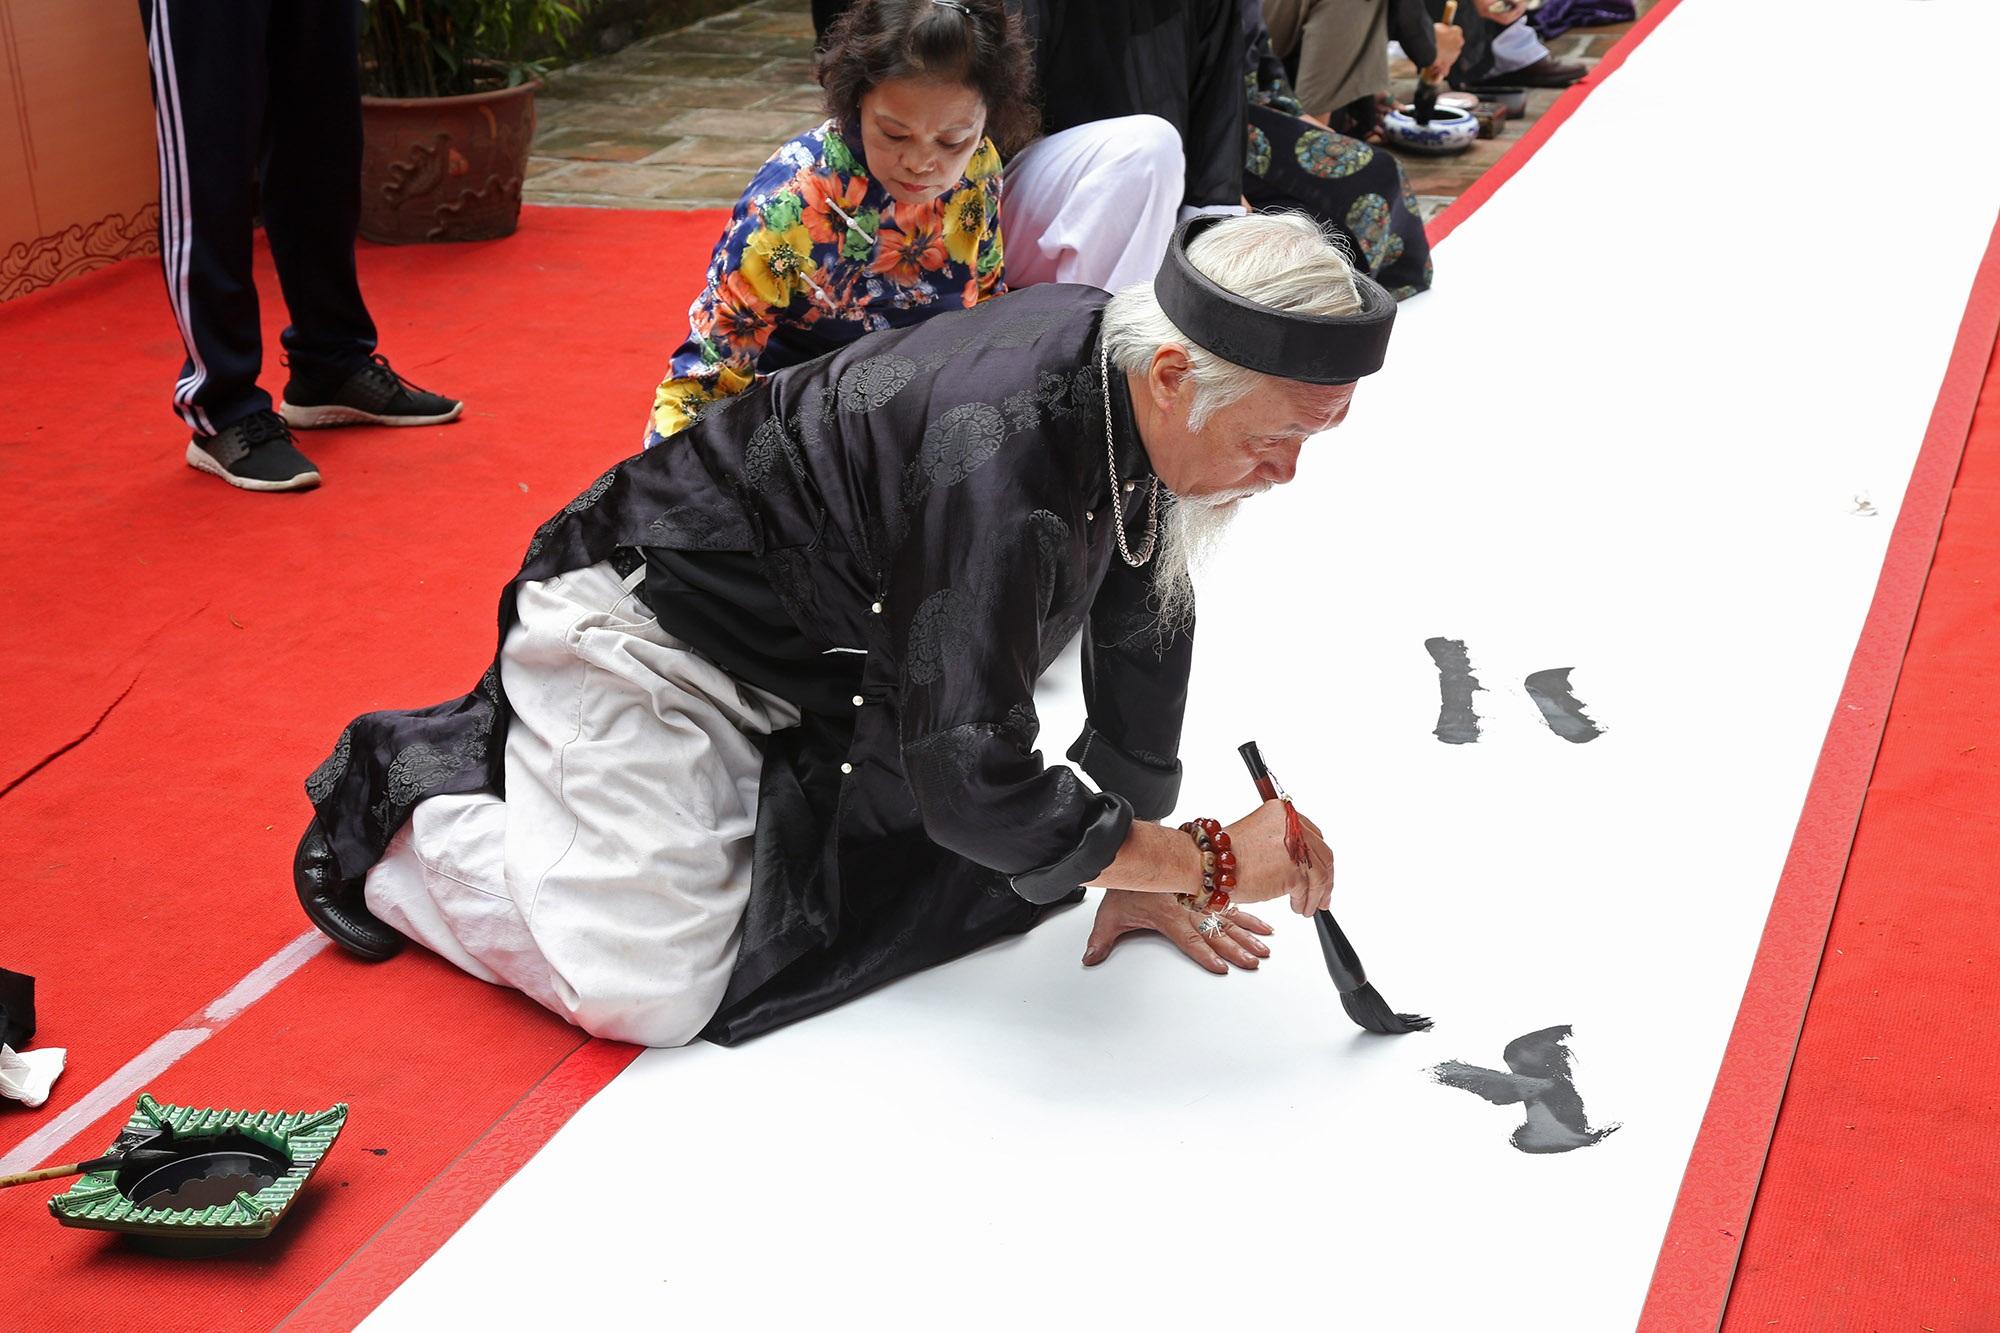 12 thư pháp gia dùng bút khổng lồ viết bức thư pháp dài 12 mét - 9